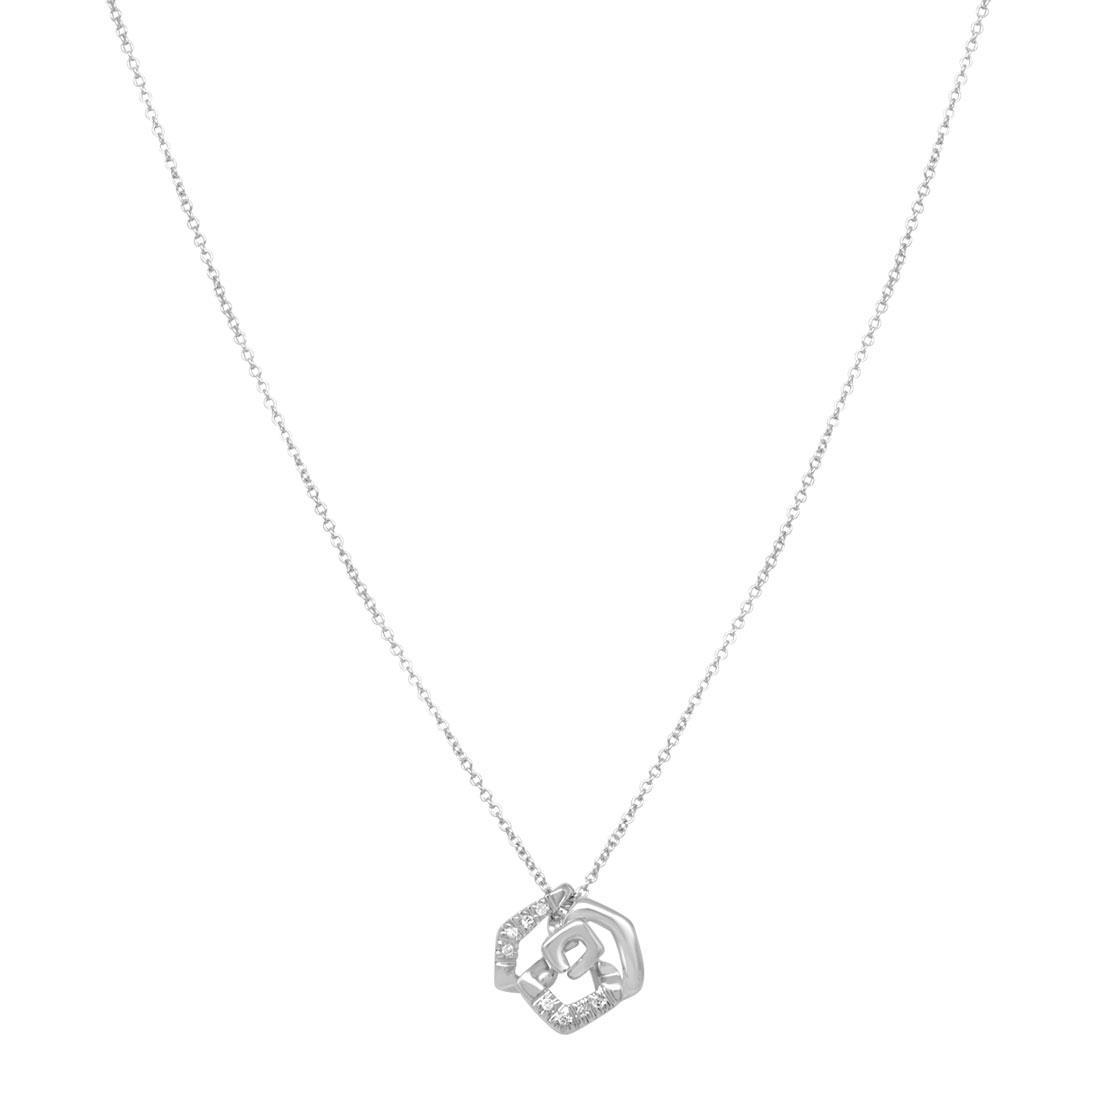 Collana in oro bianco con pendente in diamanti - BLISS